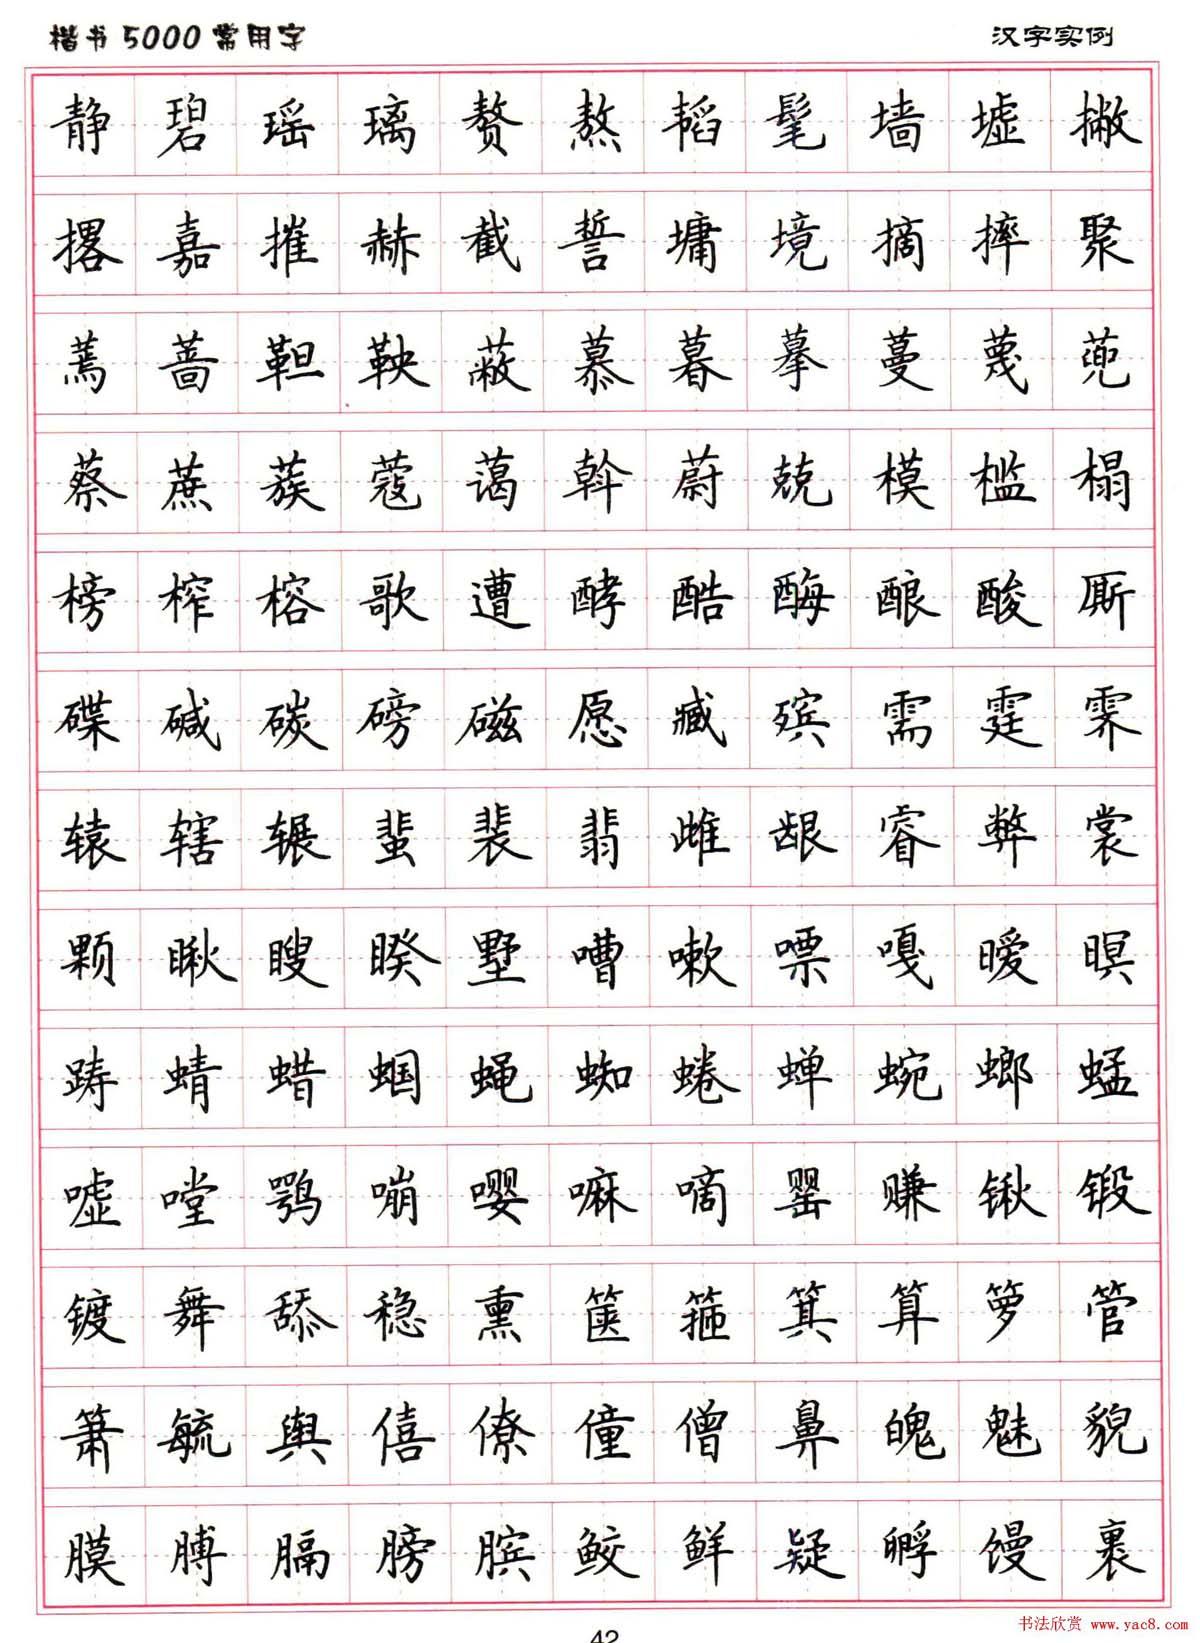 硬笔书法字帖《楷书5000常用字》(二)